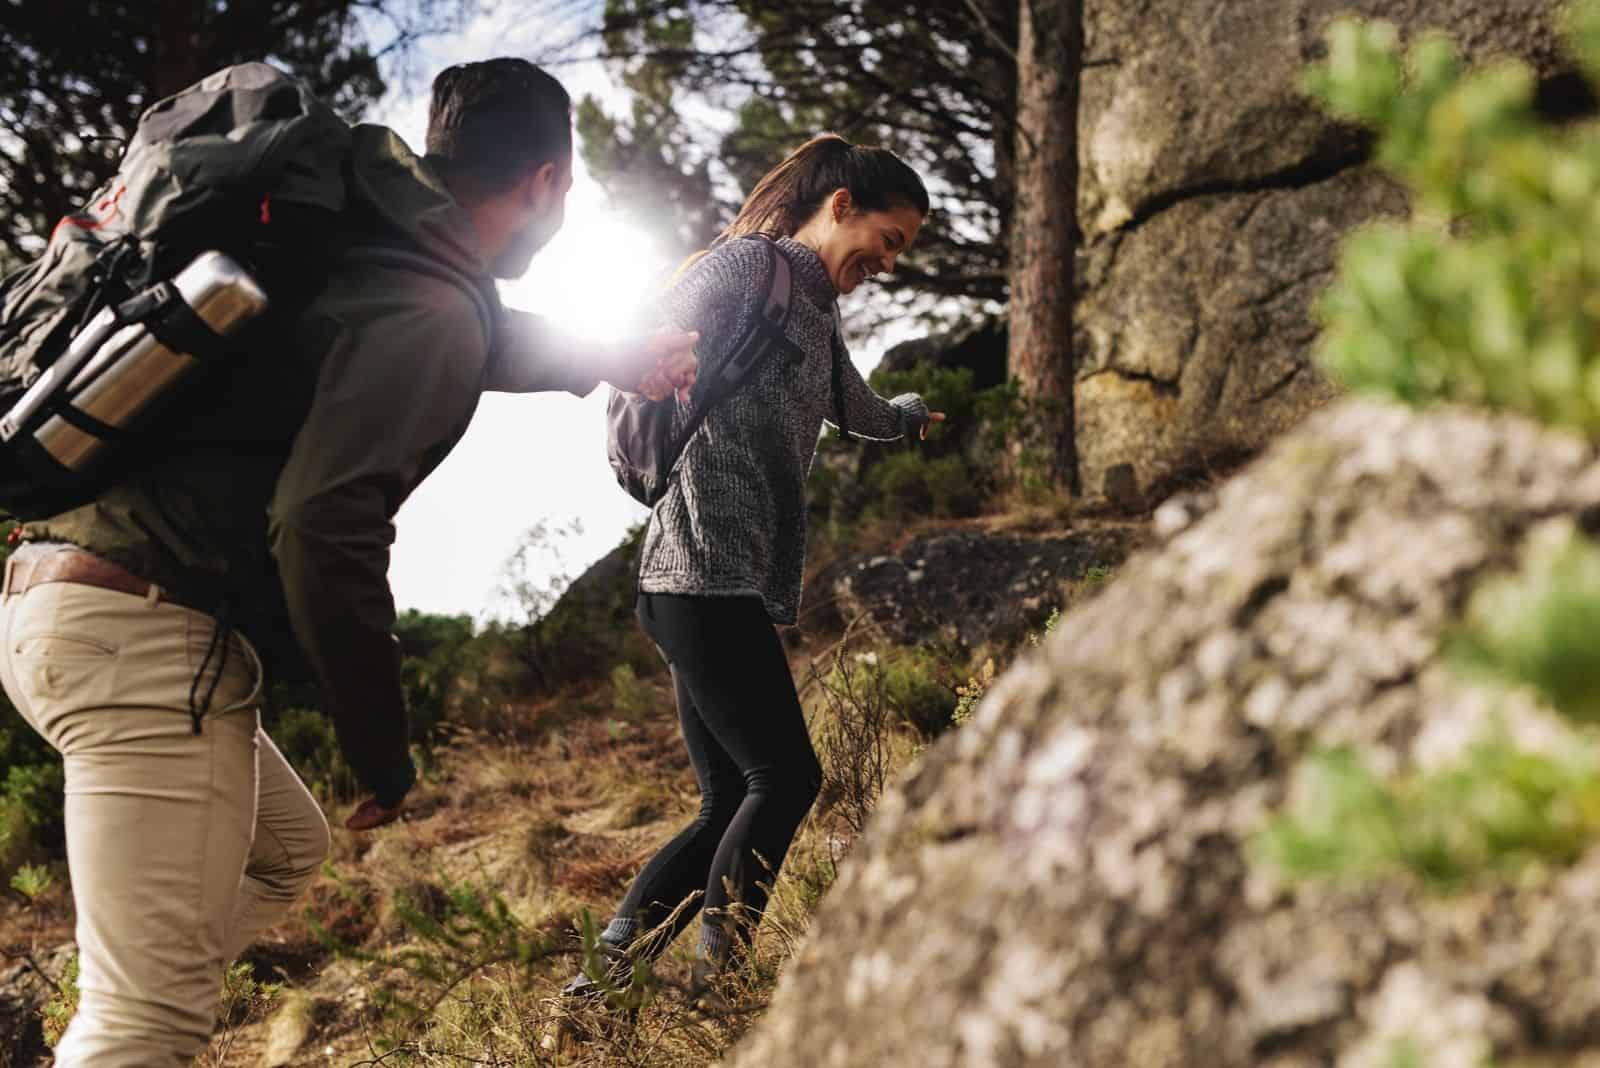 Junge Frau mit ihrem Freund wandern durch den bergweg